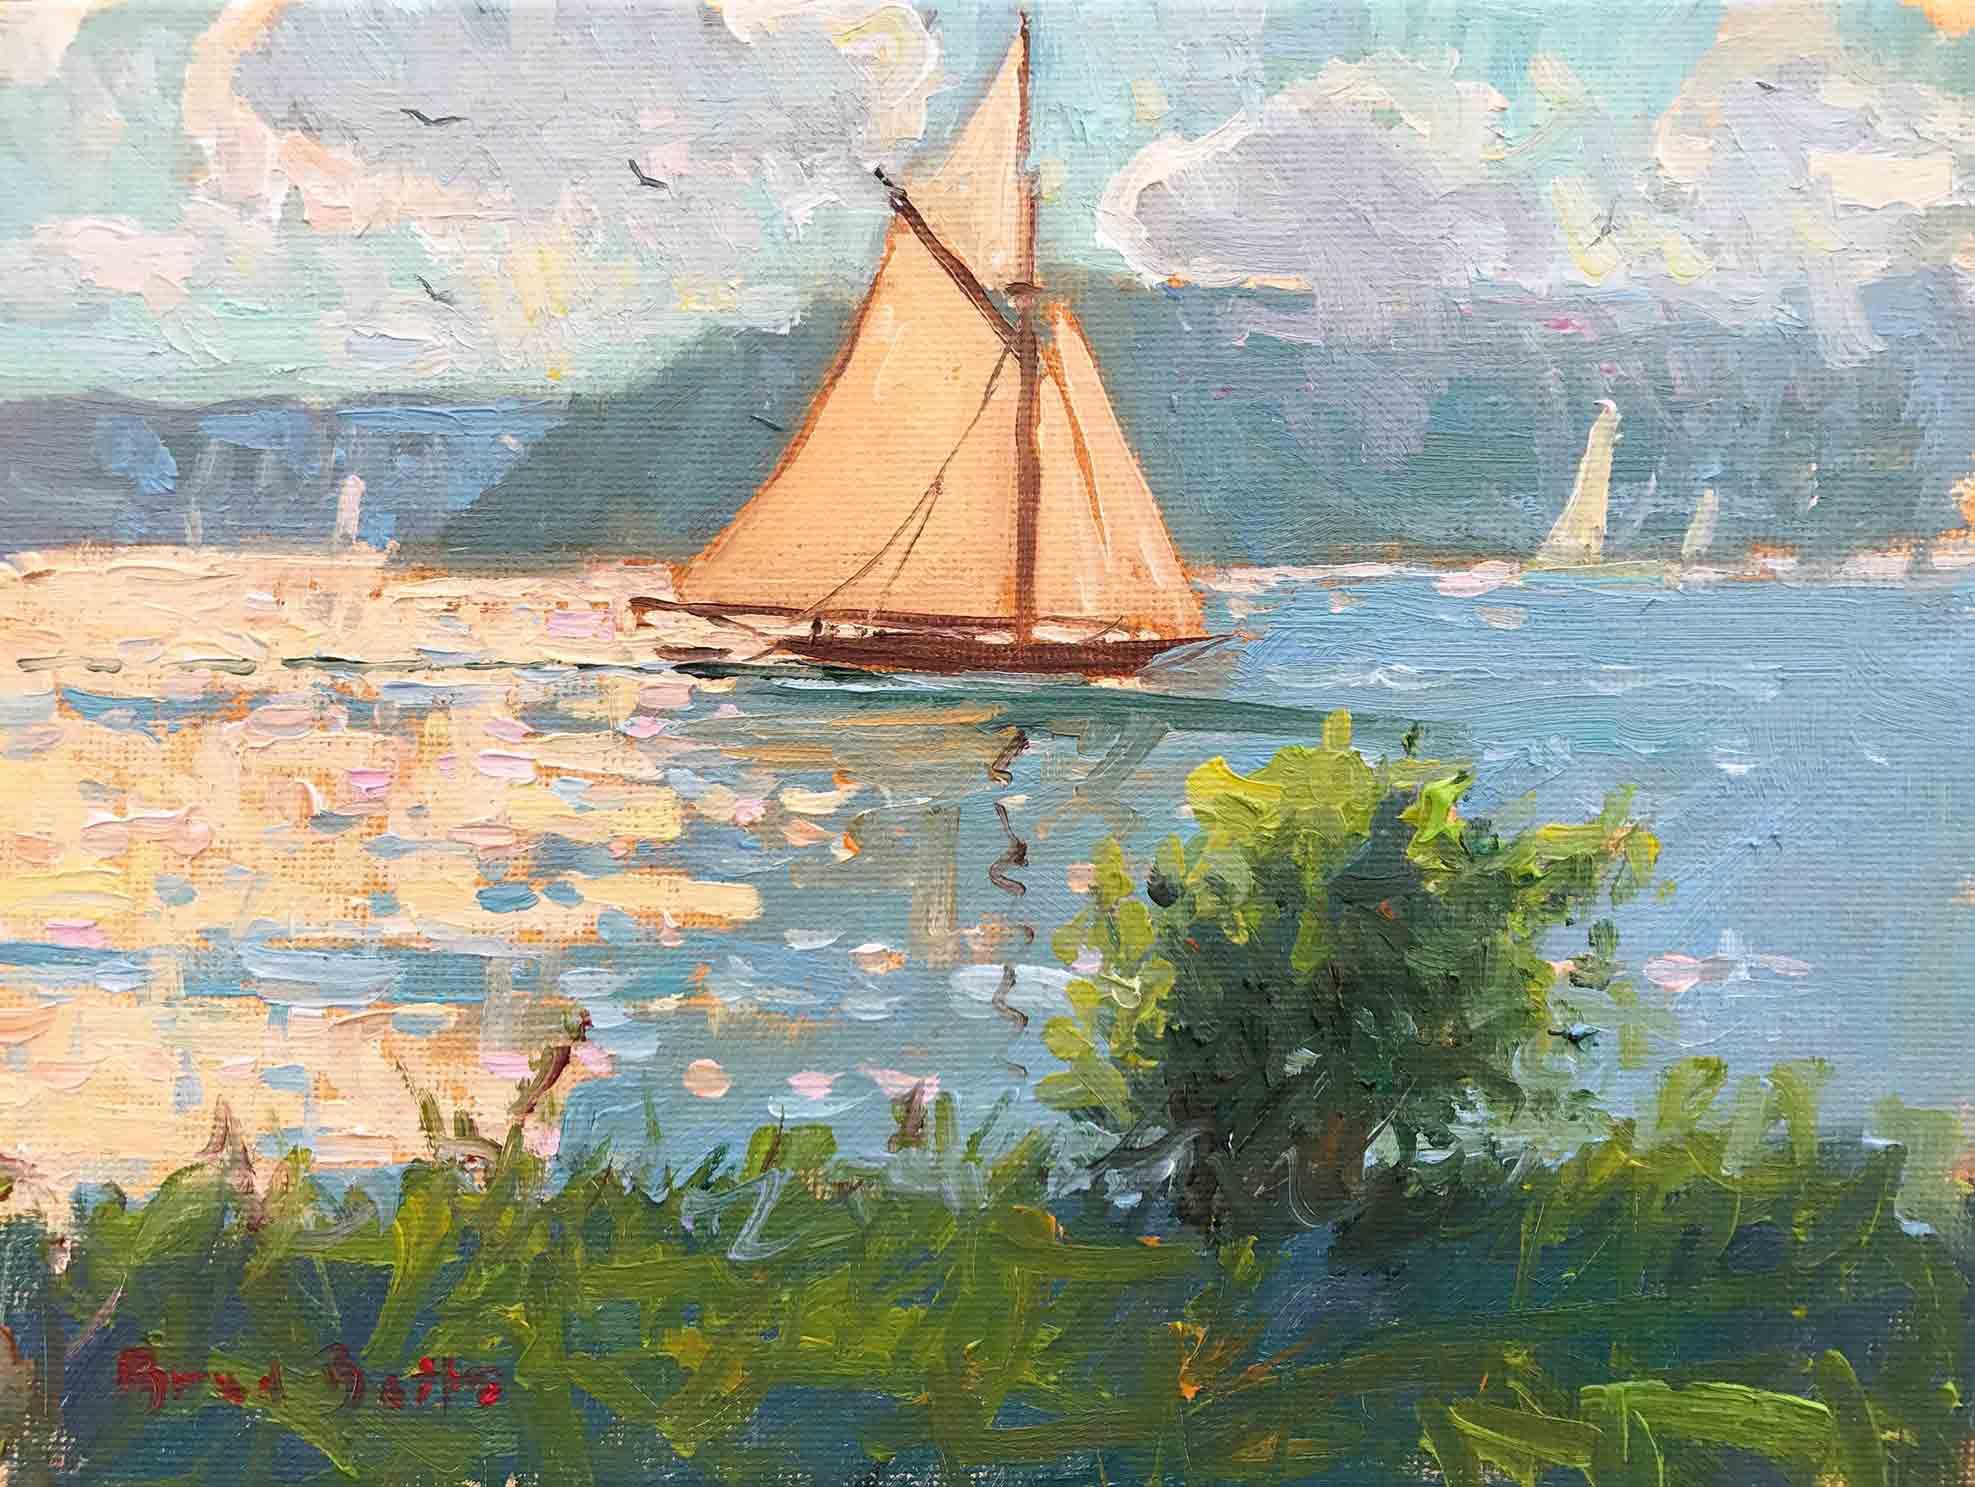 Sailing-off-Squirrel-Island_web.jpg